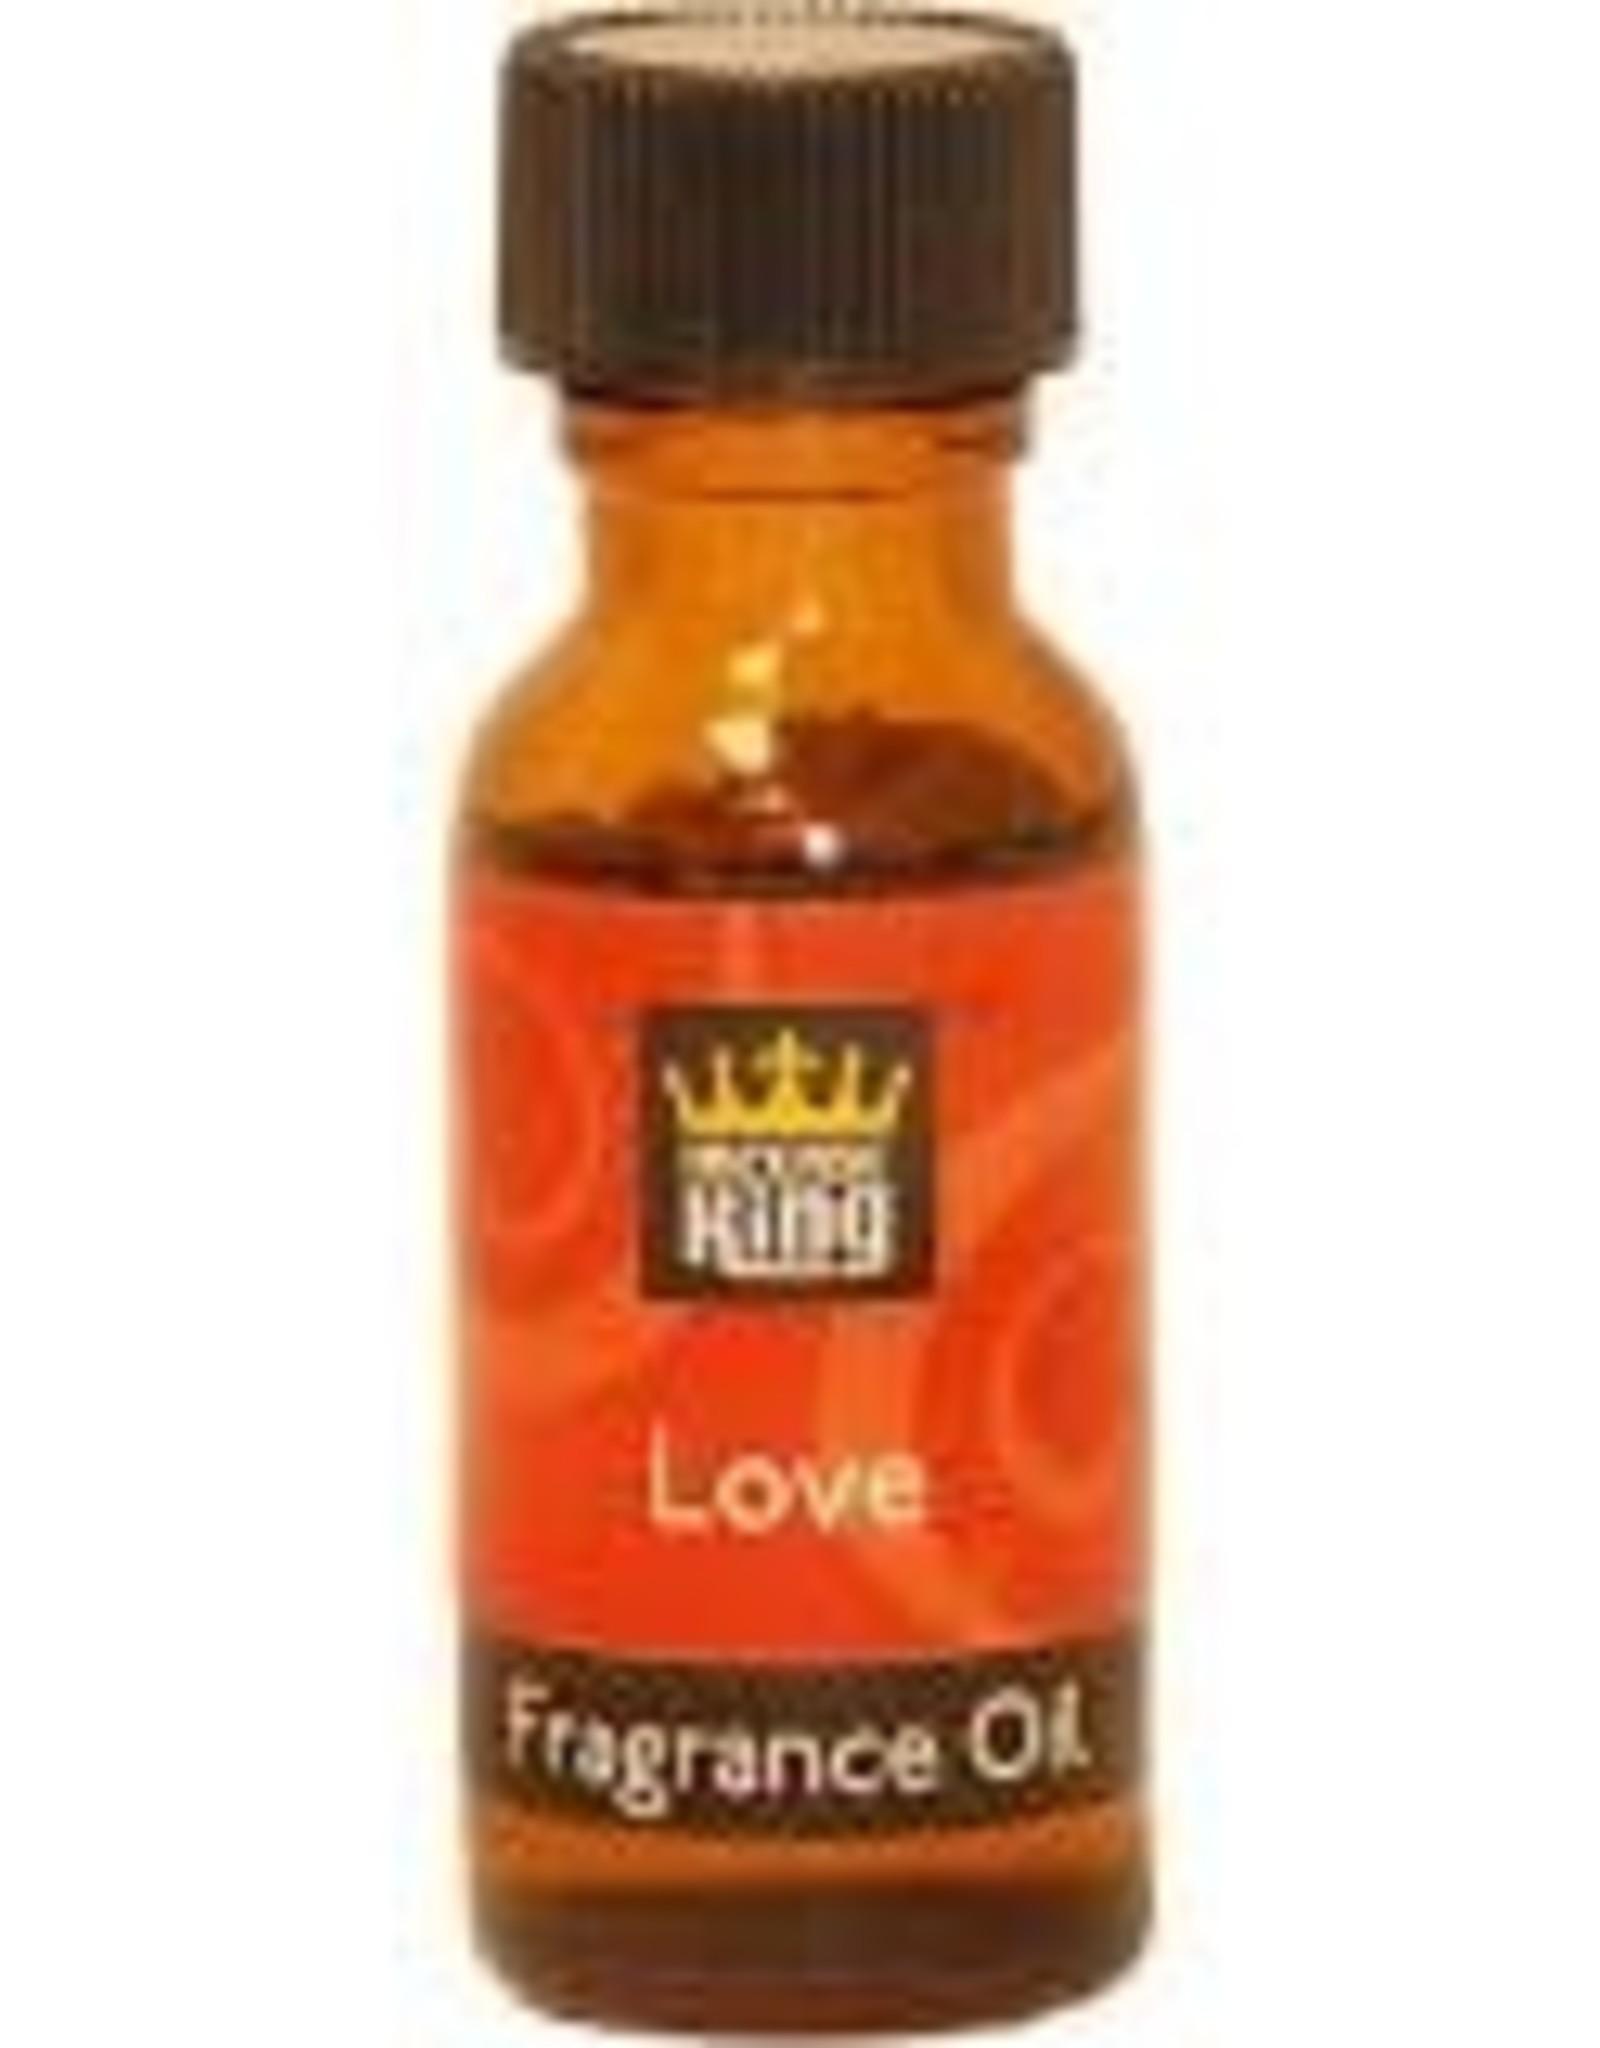 Oil Love Fragrance IK KE